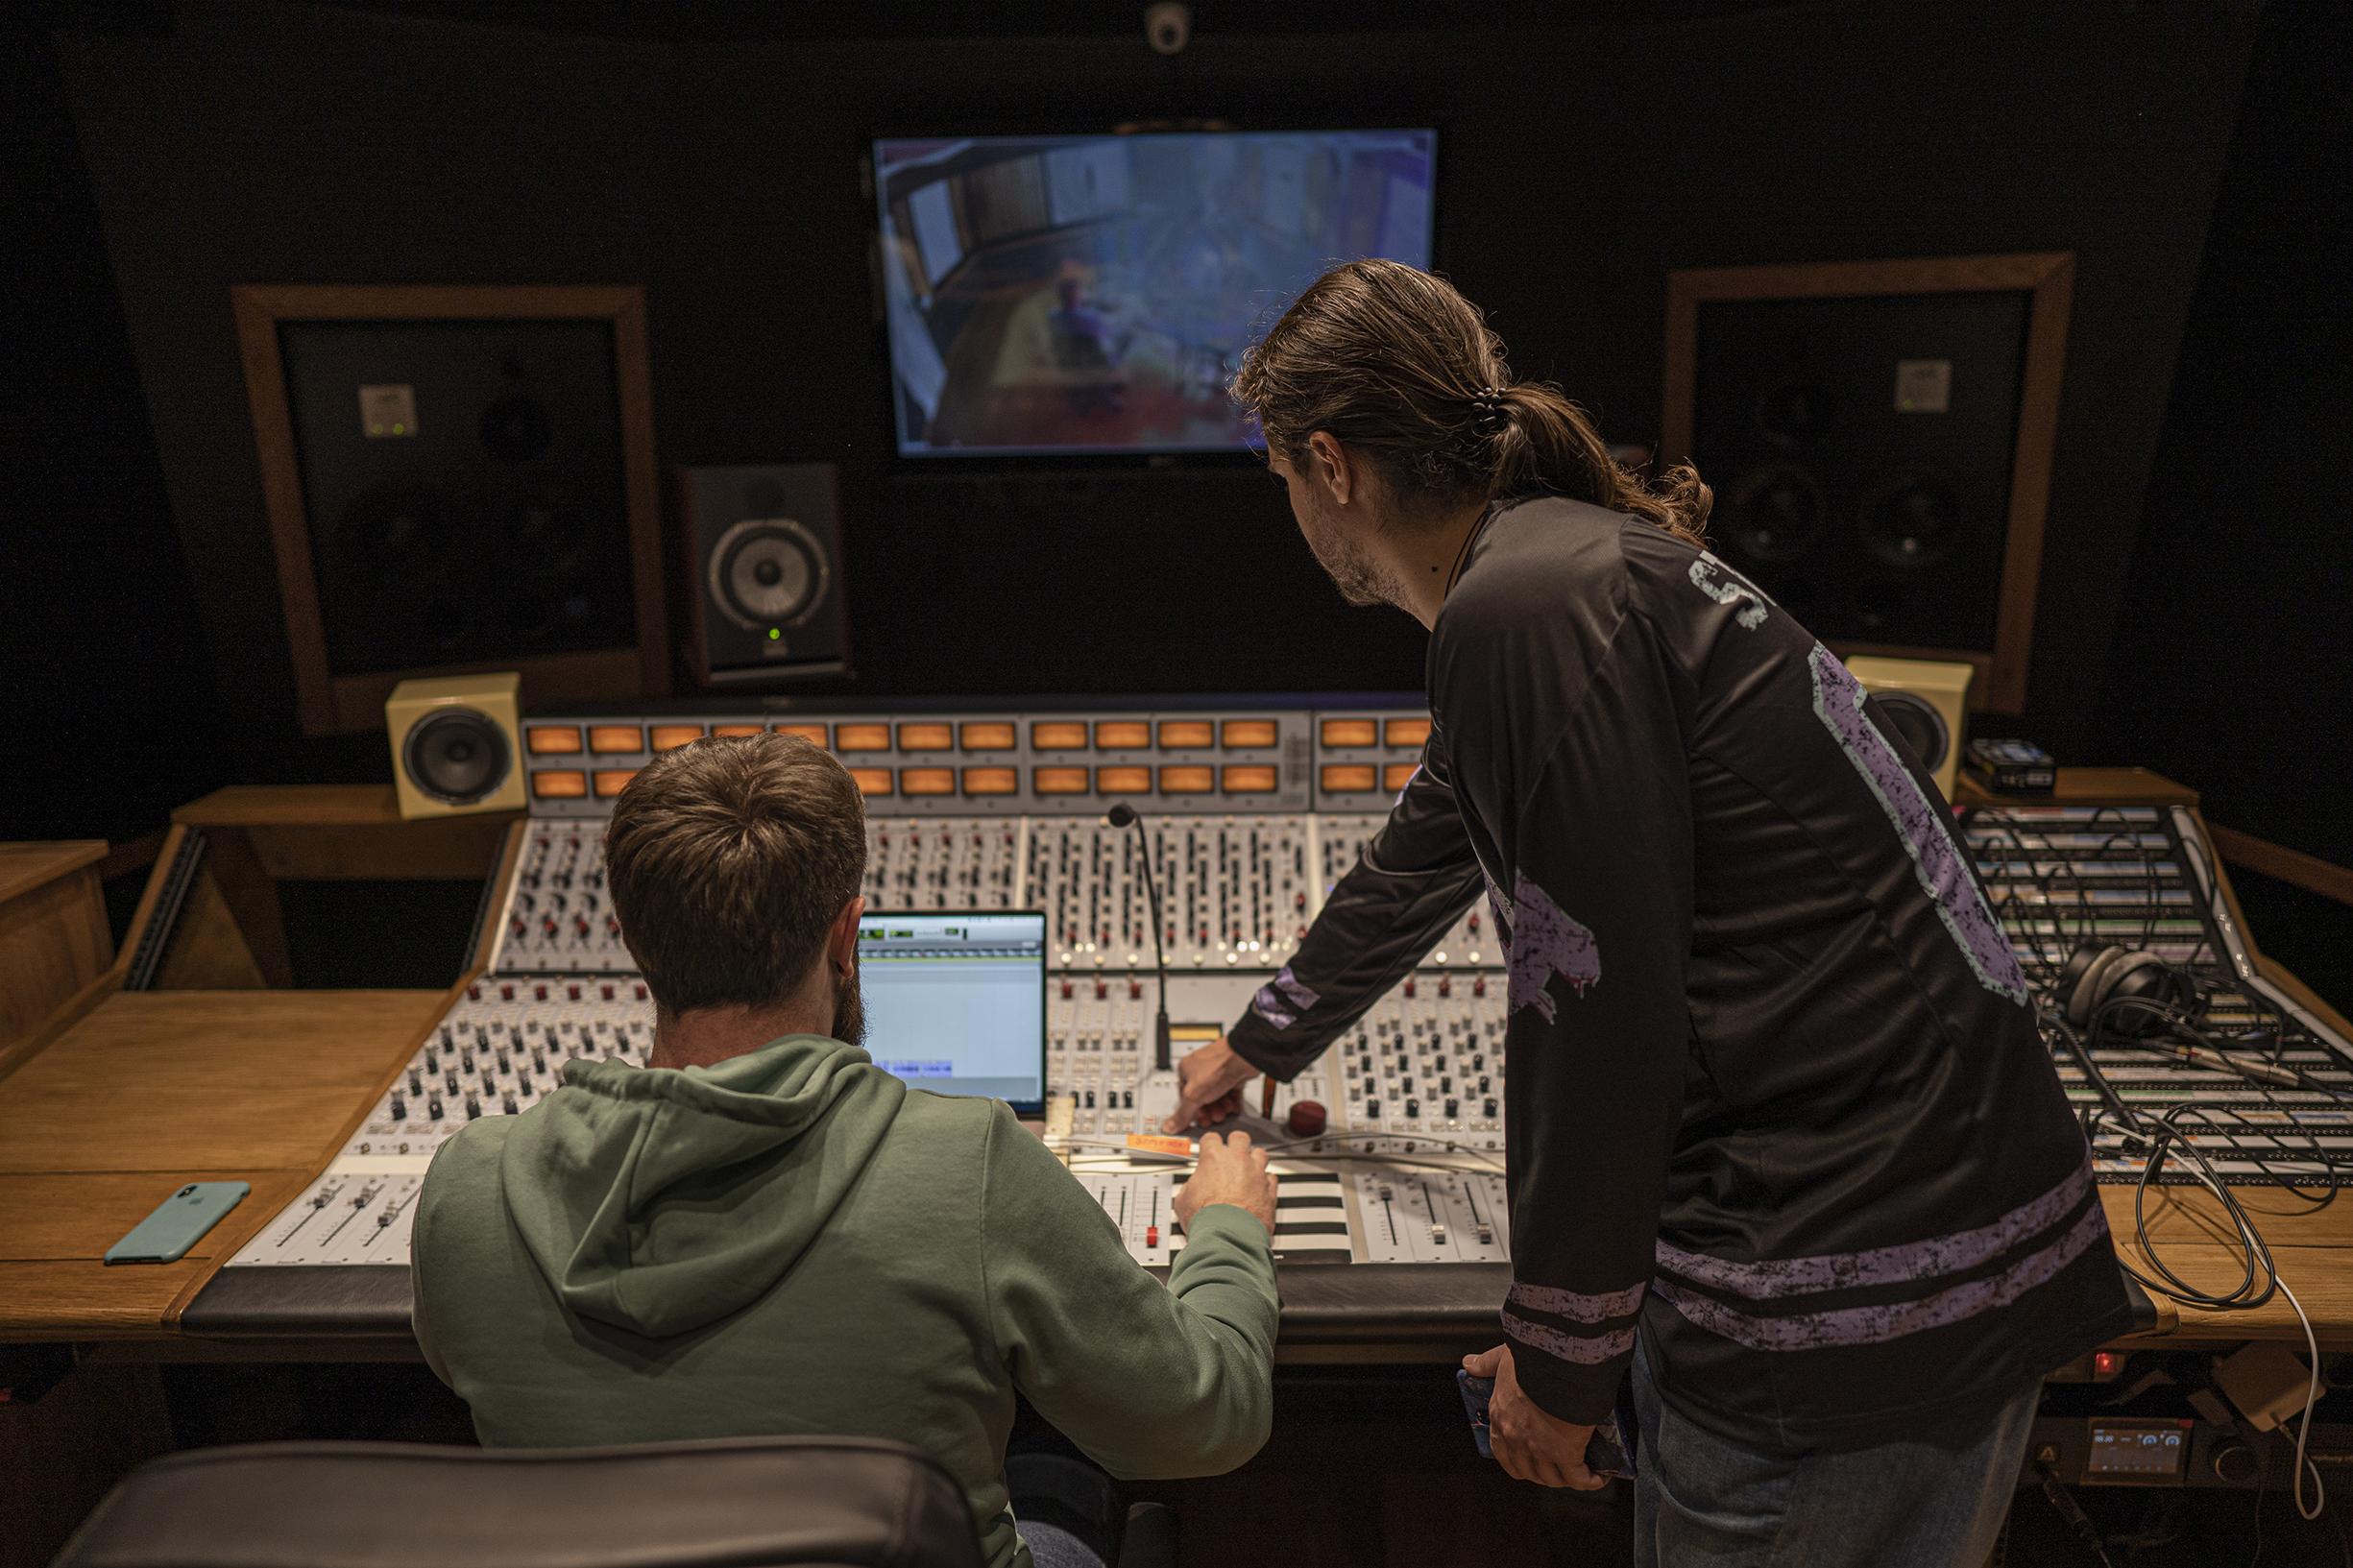 Звук гри: як створюється музика та саунд-дизайн для ігор Фото 0